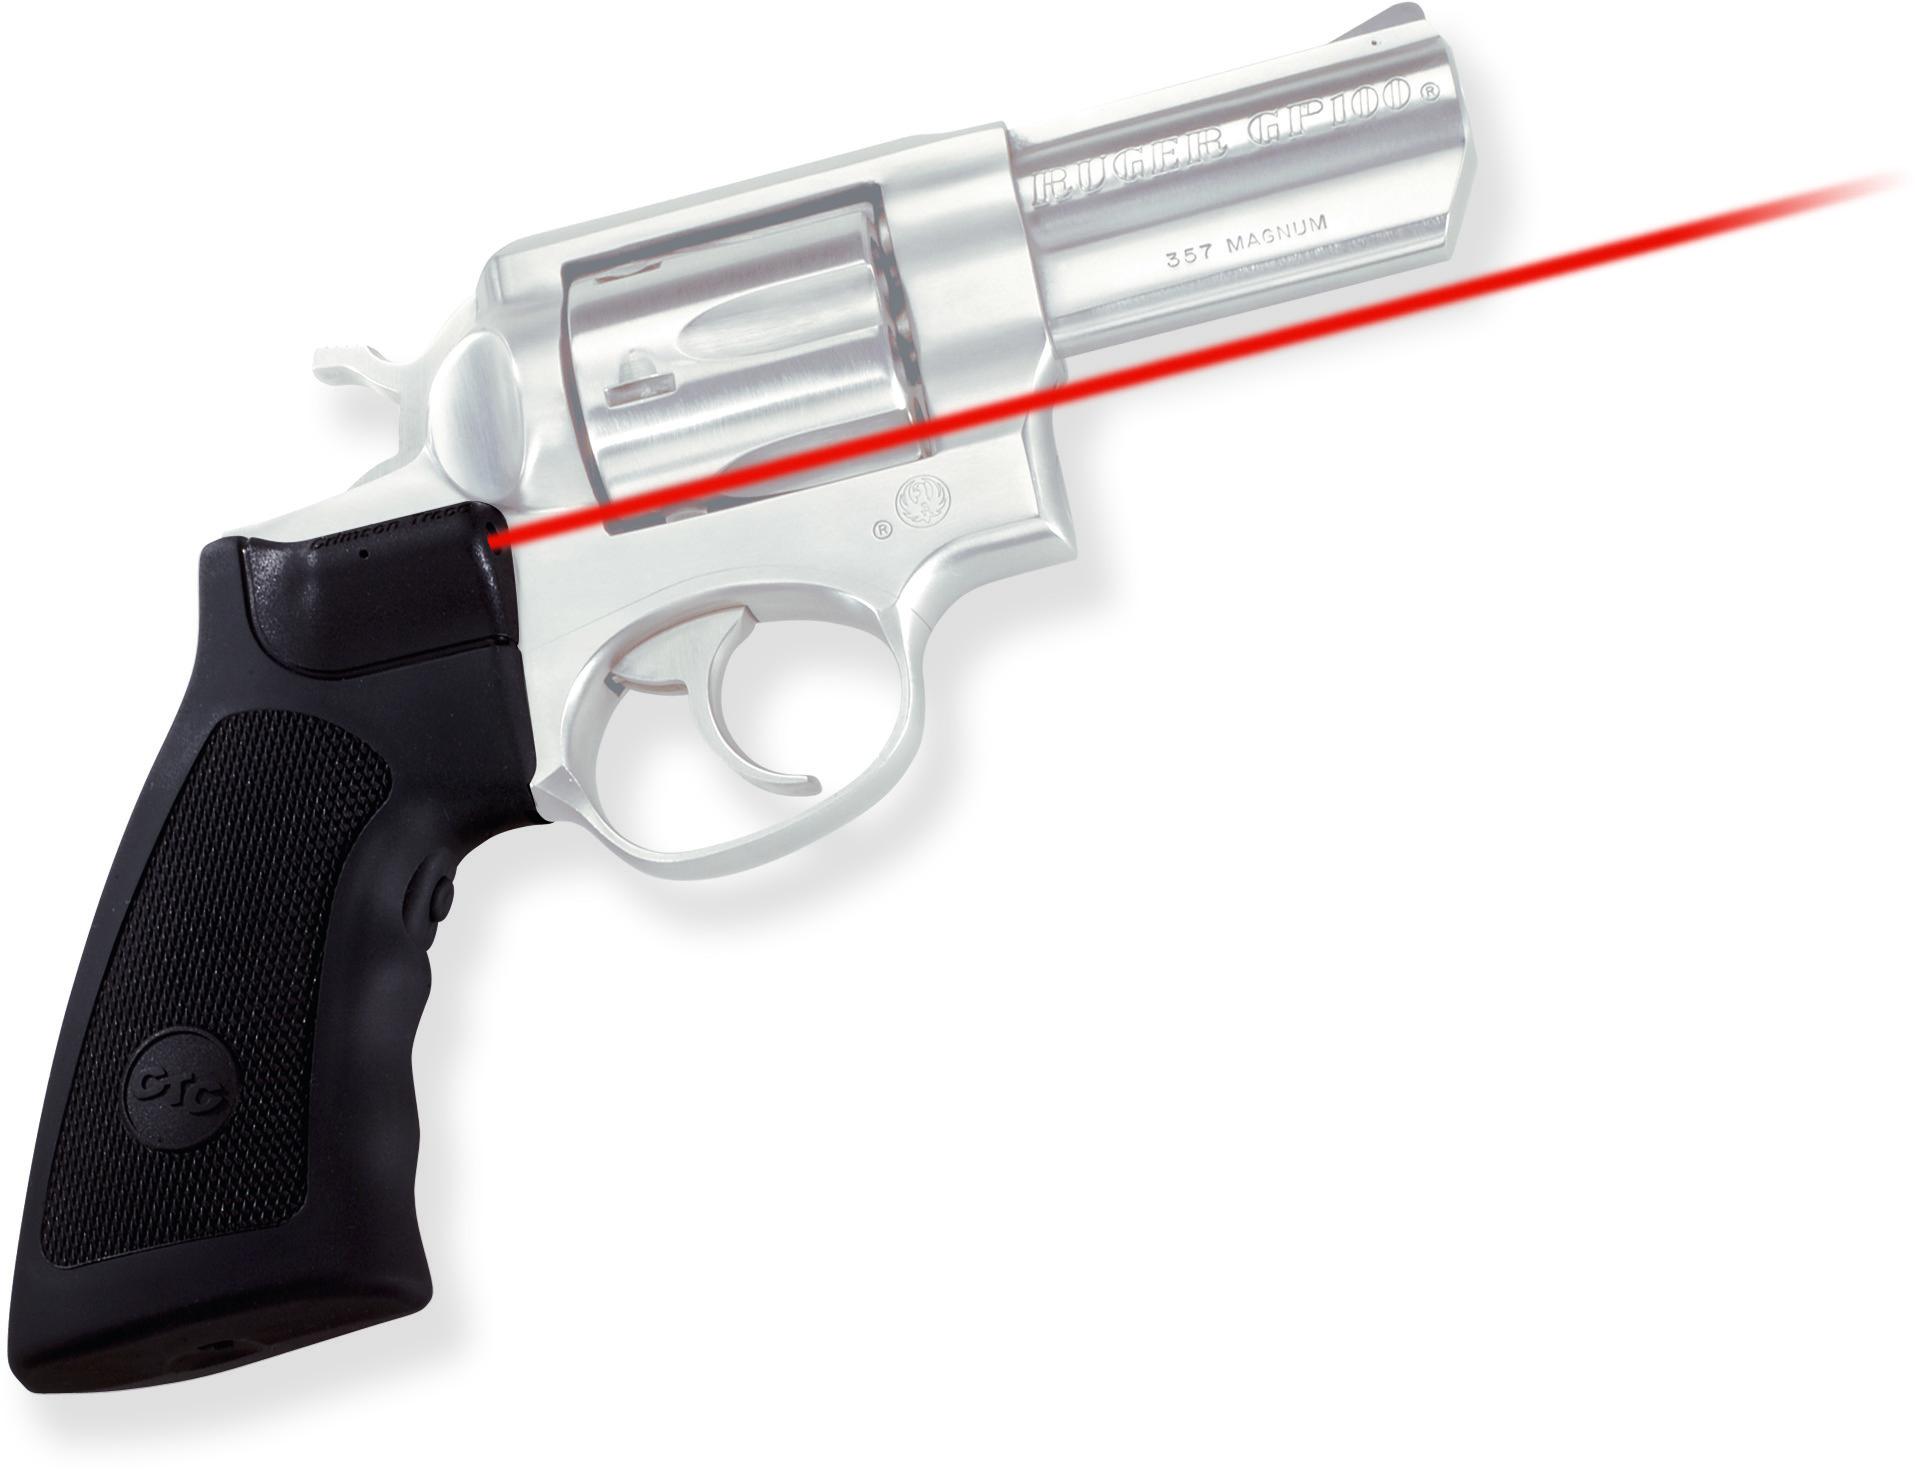 Crimson Trace Laser Grip for Ruger GP100/Alaskan/Super Redhawk